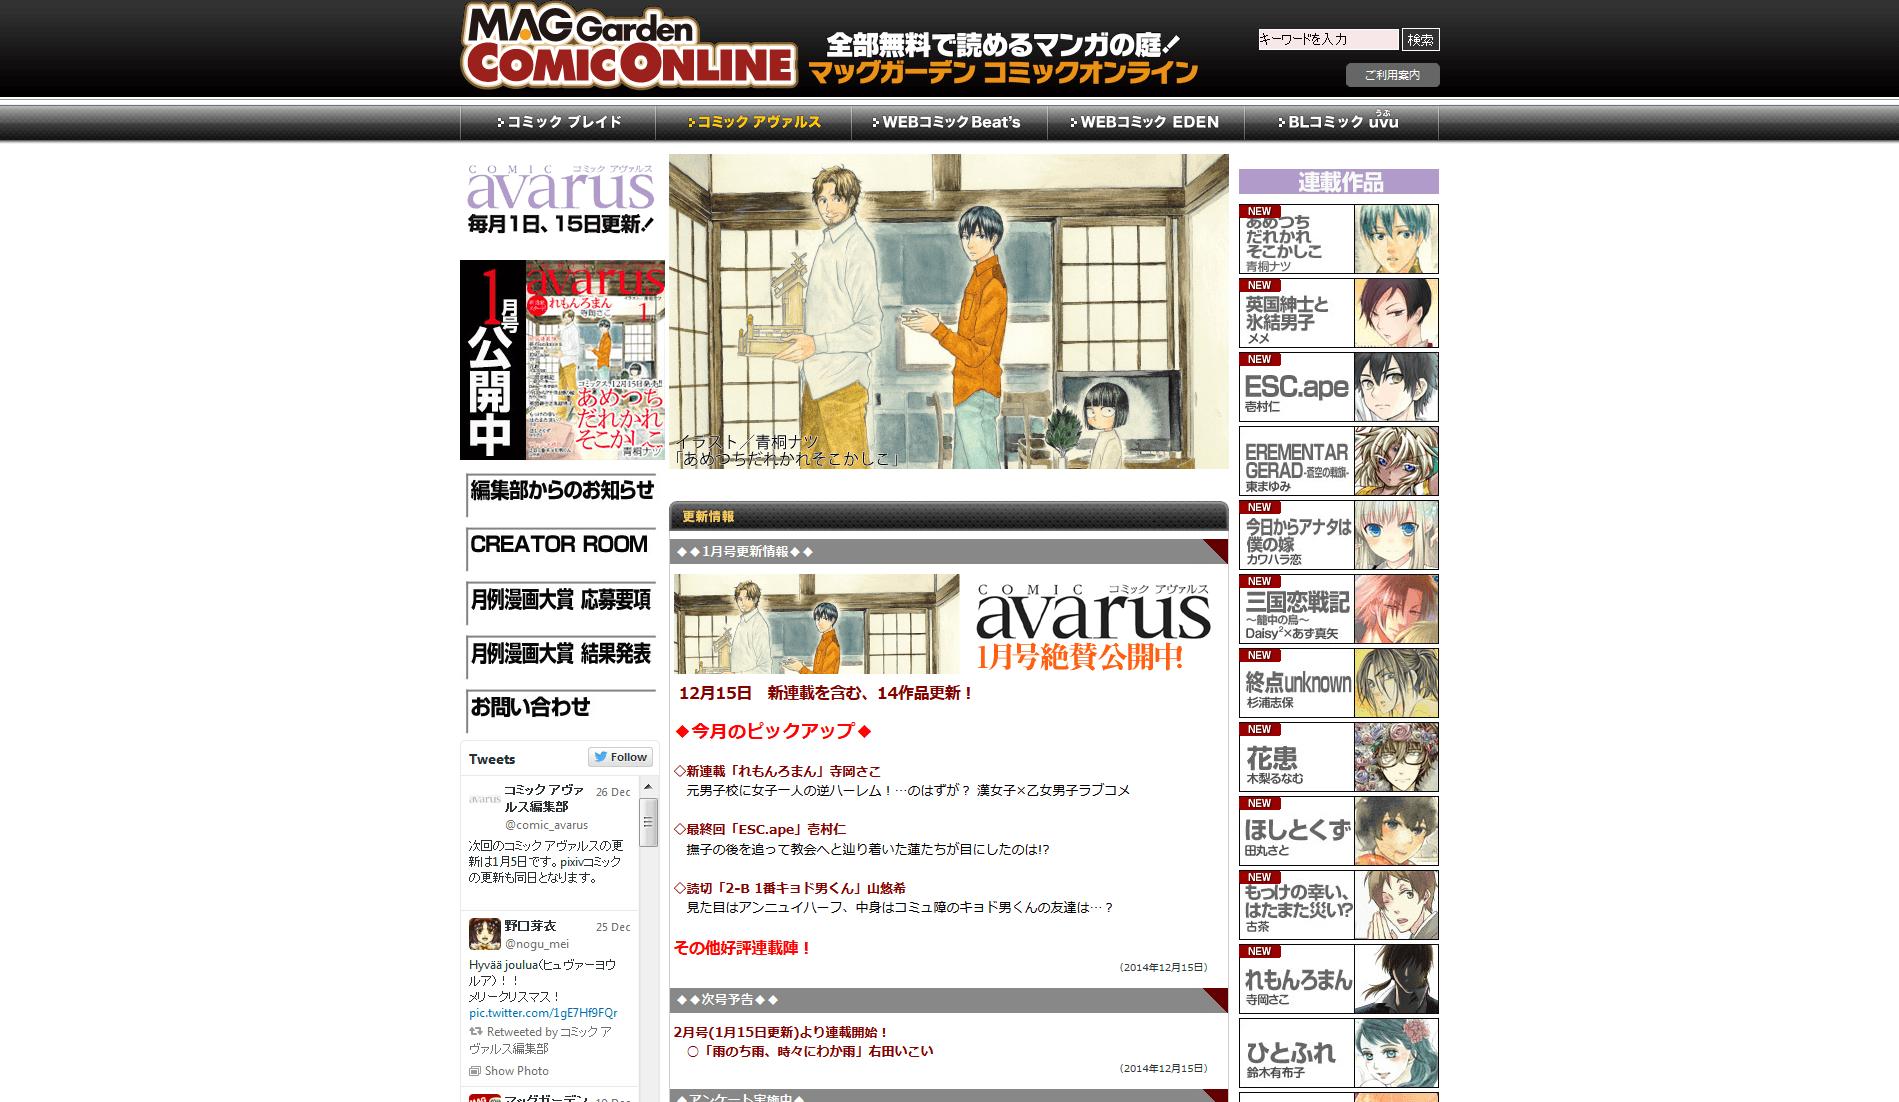 マッグガーデン・コミック・オンライン - 全部無料で読める! マンガの庭!(avarus)